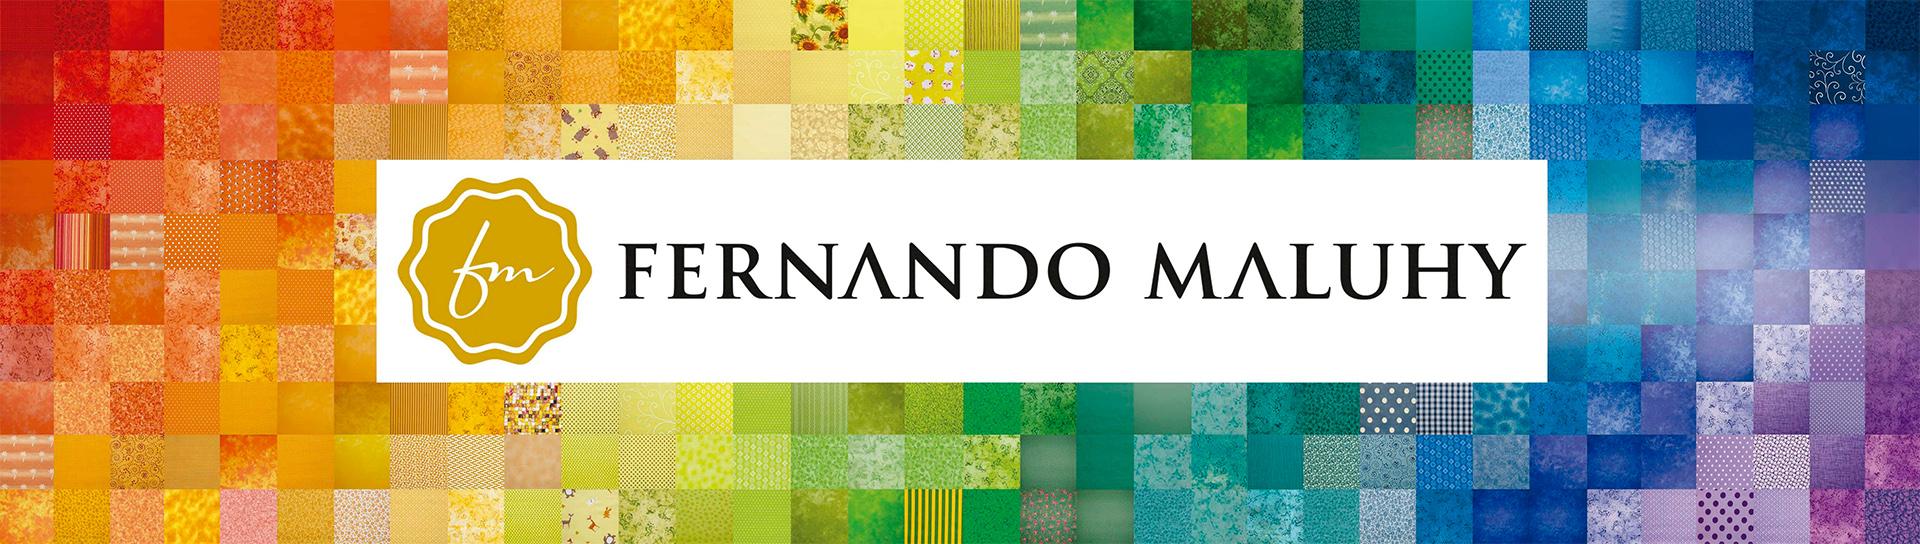 f494c46df1 Fernando Maluhy   CATÁLOGO